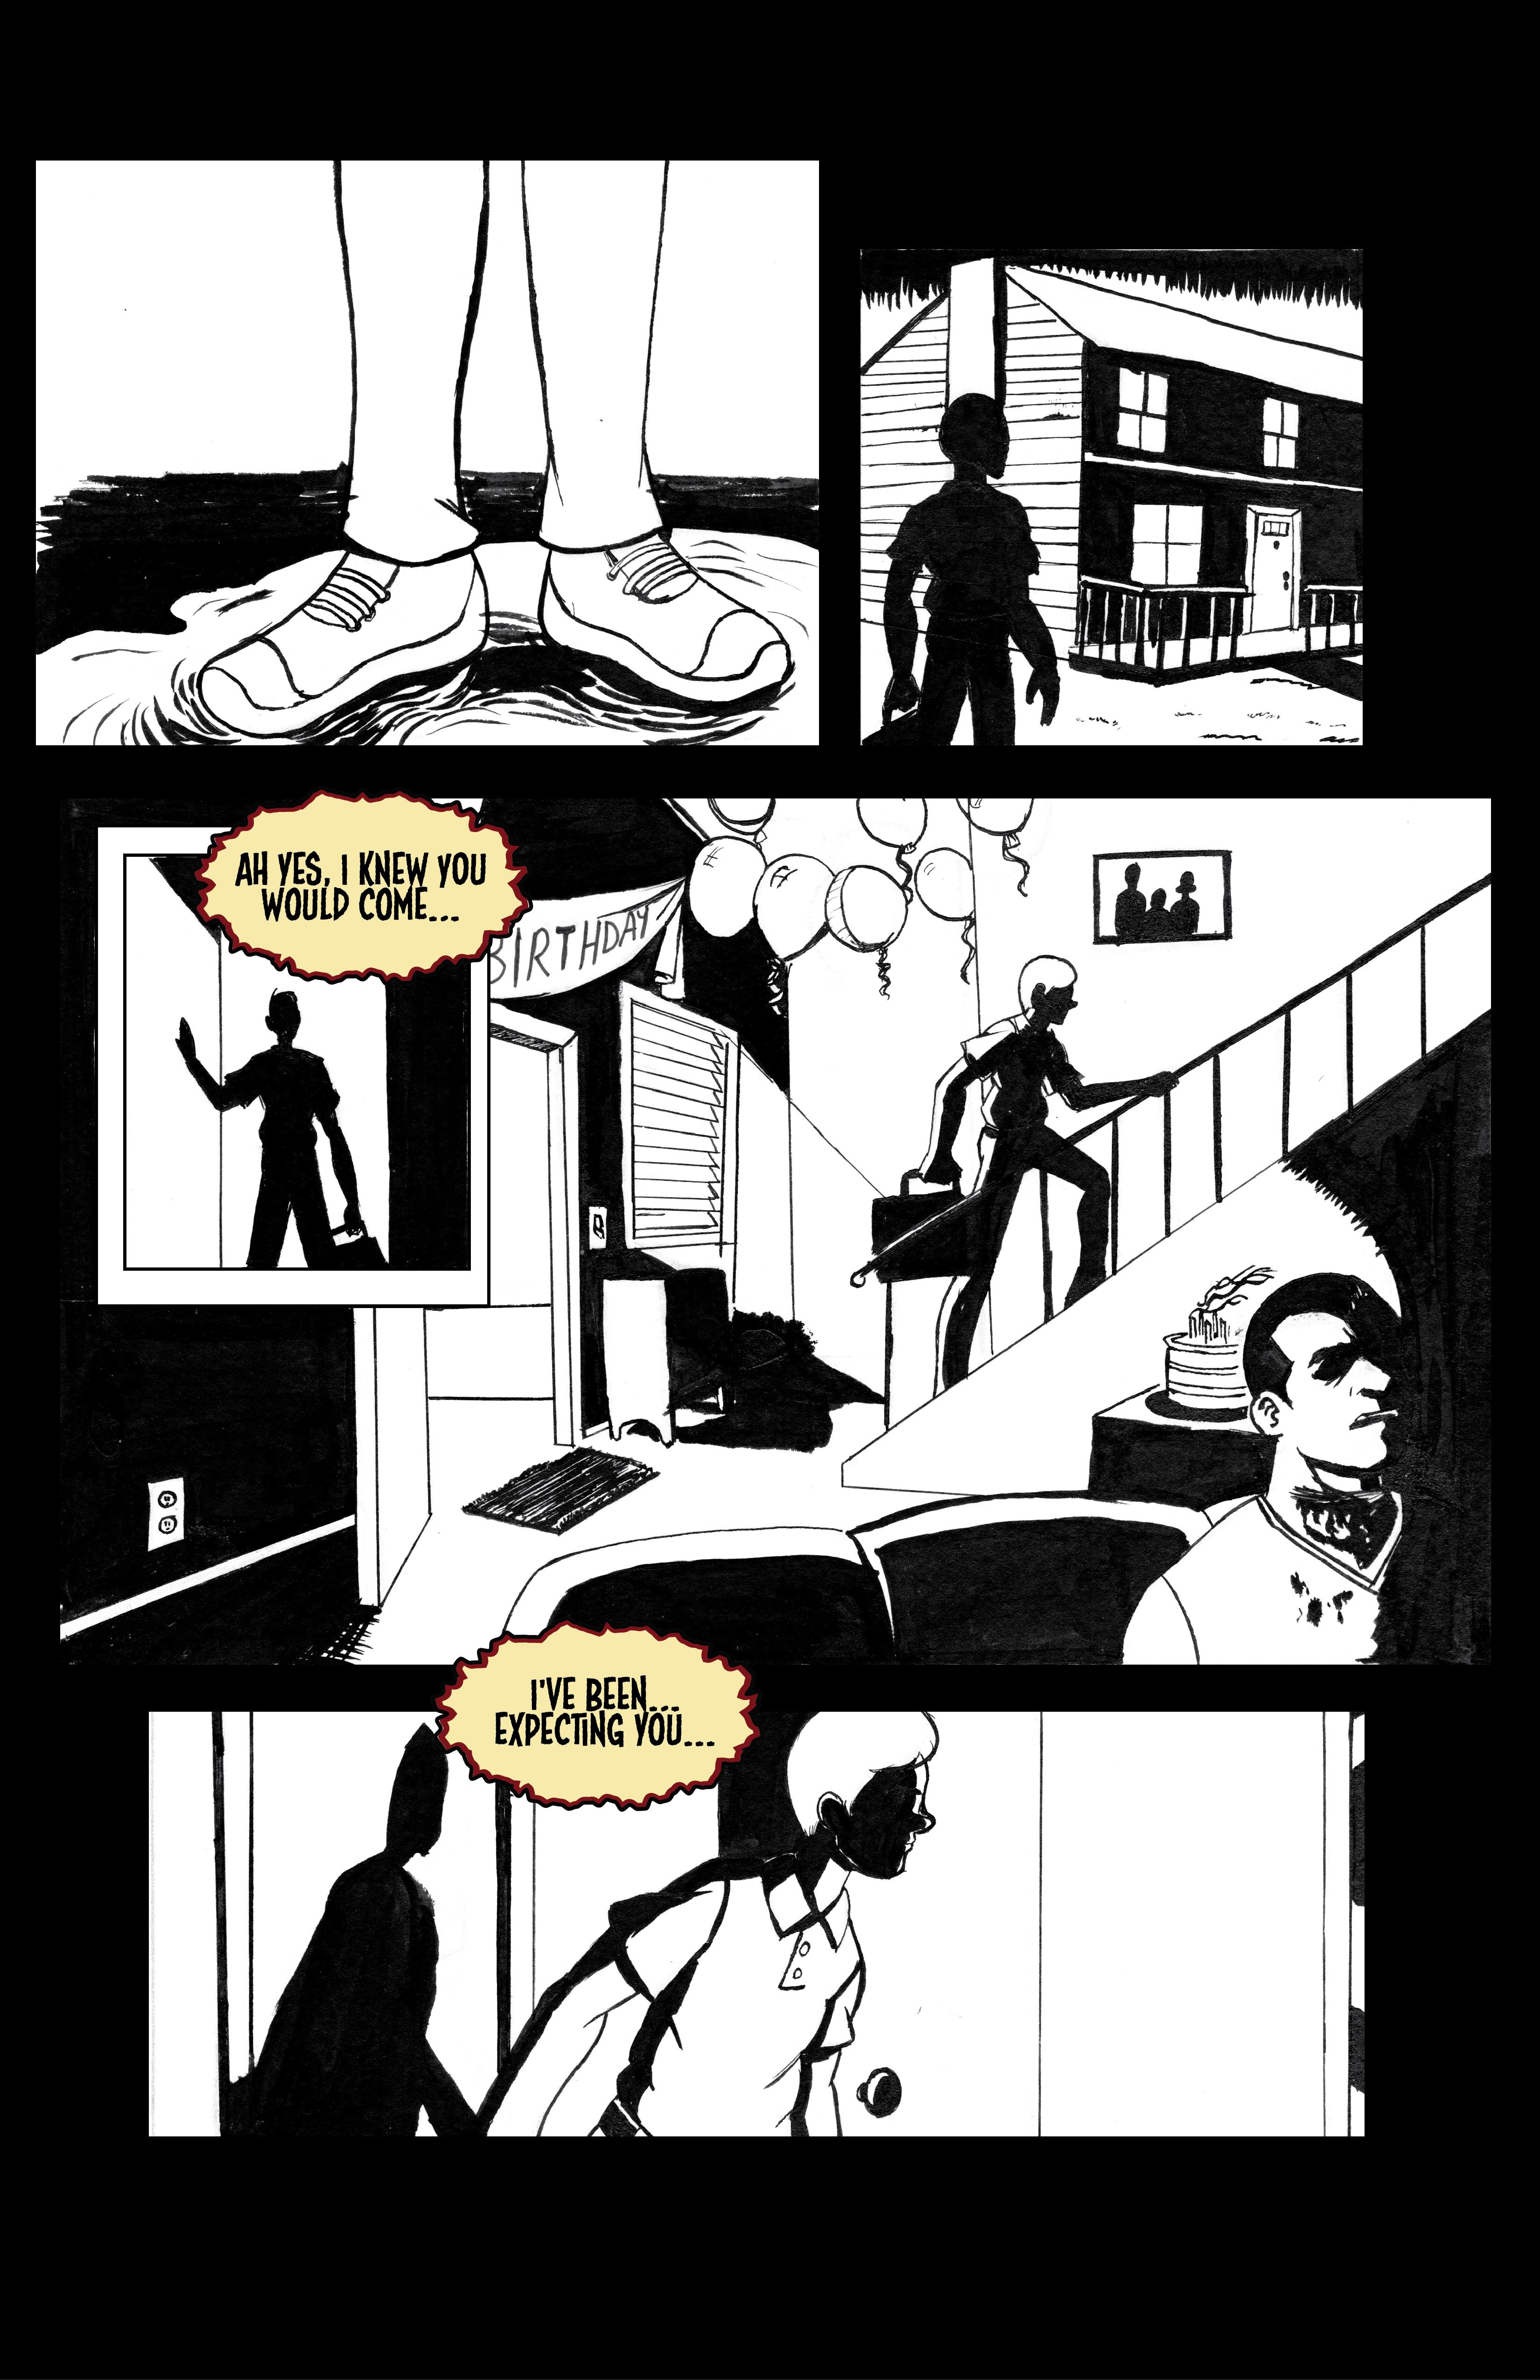 Johnny1b.1letter